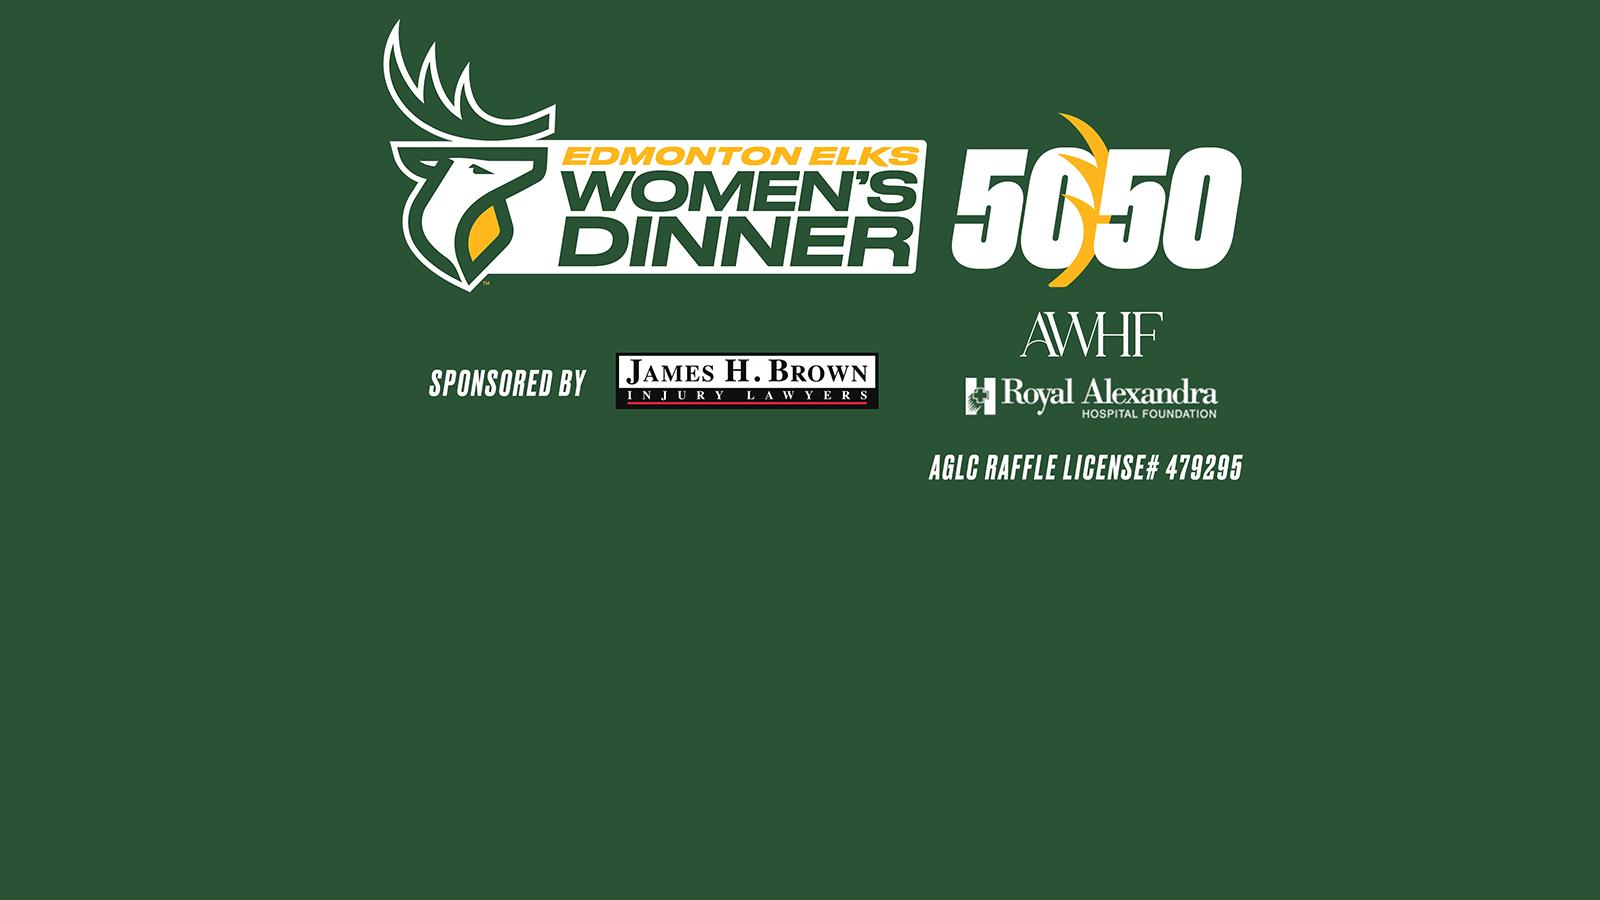 June 28th: Elks 50/50 & Online Women's Dinner, sponsored by James H Brown